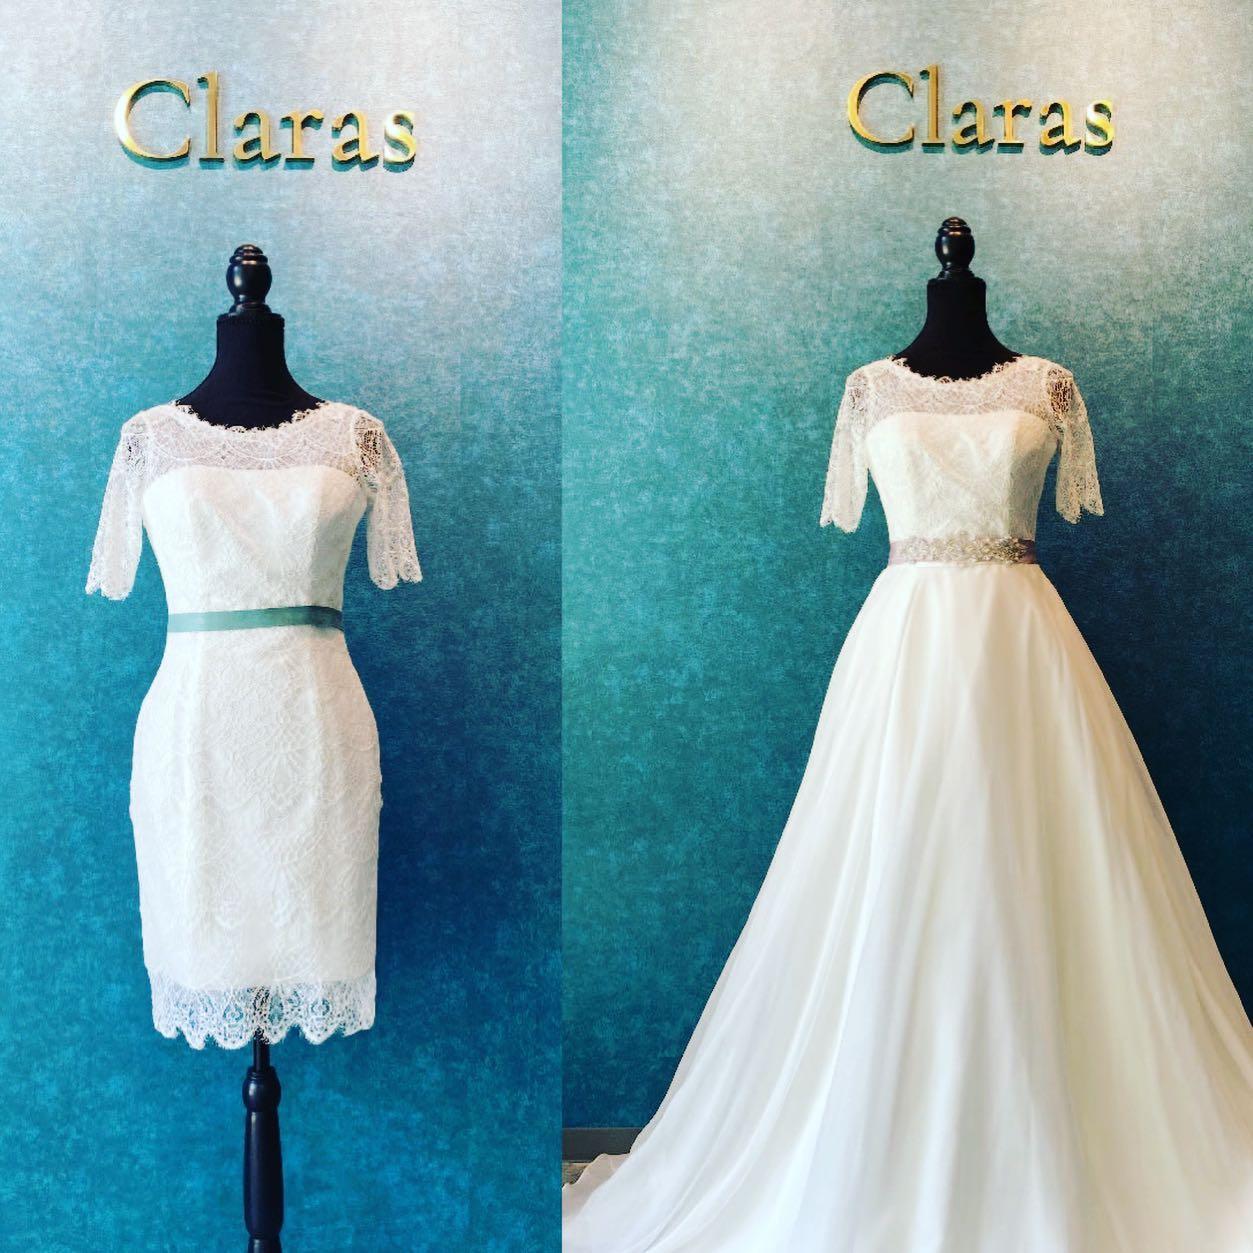 🕊多彩にスタイリングアレンジ🕊・お洒落な総レースのミニドレスにオーバースカートを重ねて一着のドレスからシーンに合わせて多彩にスタイリングアレンジできます🤍・サッシュベルトを雰囲気によって色味やデザインを変えてより一層小慣れたスタイリングに・Clarasではお客様の当日のシーンに映えるドレスとスタイリングを提案します・mini dressFATALE ¥140.000・オーバースカート15-3800 ¥140.000・#wedding #weddingdress #claras #ウェディングドレス #プレ花嫁 #ドレス試着#ドレス迷子#2021冬婚 #ヘアメイク #ドレス選び #前撮り #後撮り #フォトウェディング #ウェディングヘア  #フォト婚 #ブライダルフォト #カップルフォト #ウェディングドレス探し #ウェディングドレス試着 #ドレスショップ #家族婚 #バウリニューアル #記念日婚 #モニター募集 #ドレス迷子 #限定 #プレ花嫁 #ボヘミアンウェディング #ニューノーマル #クララス